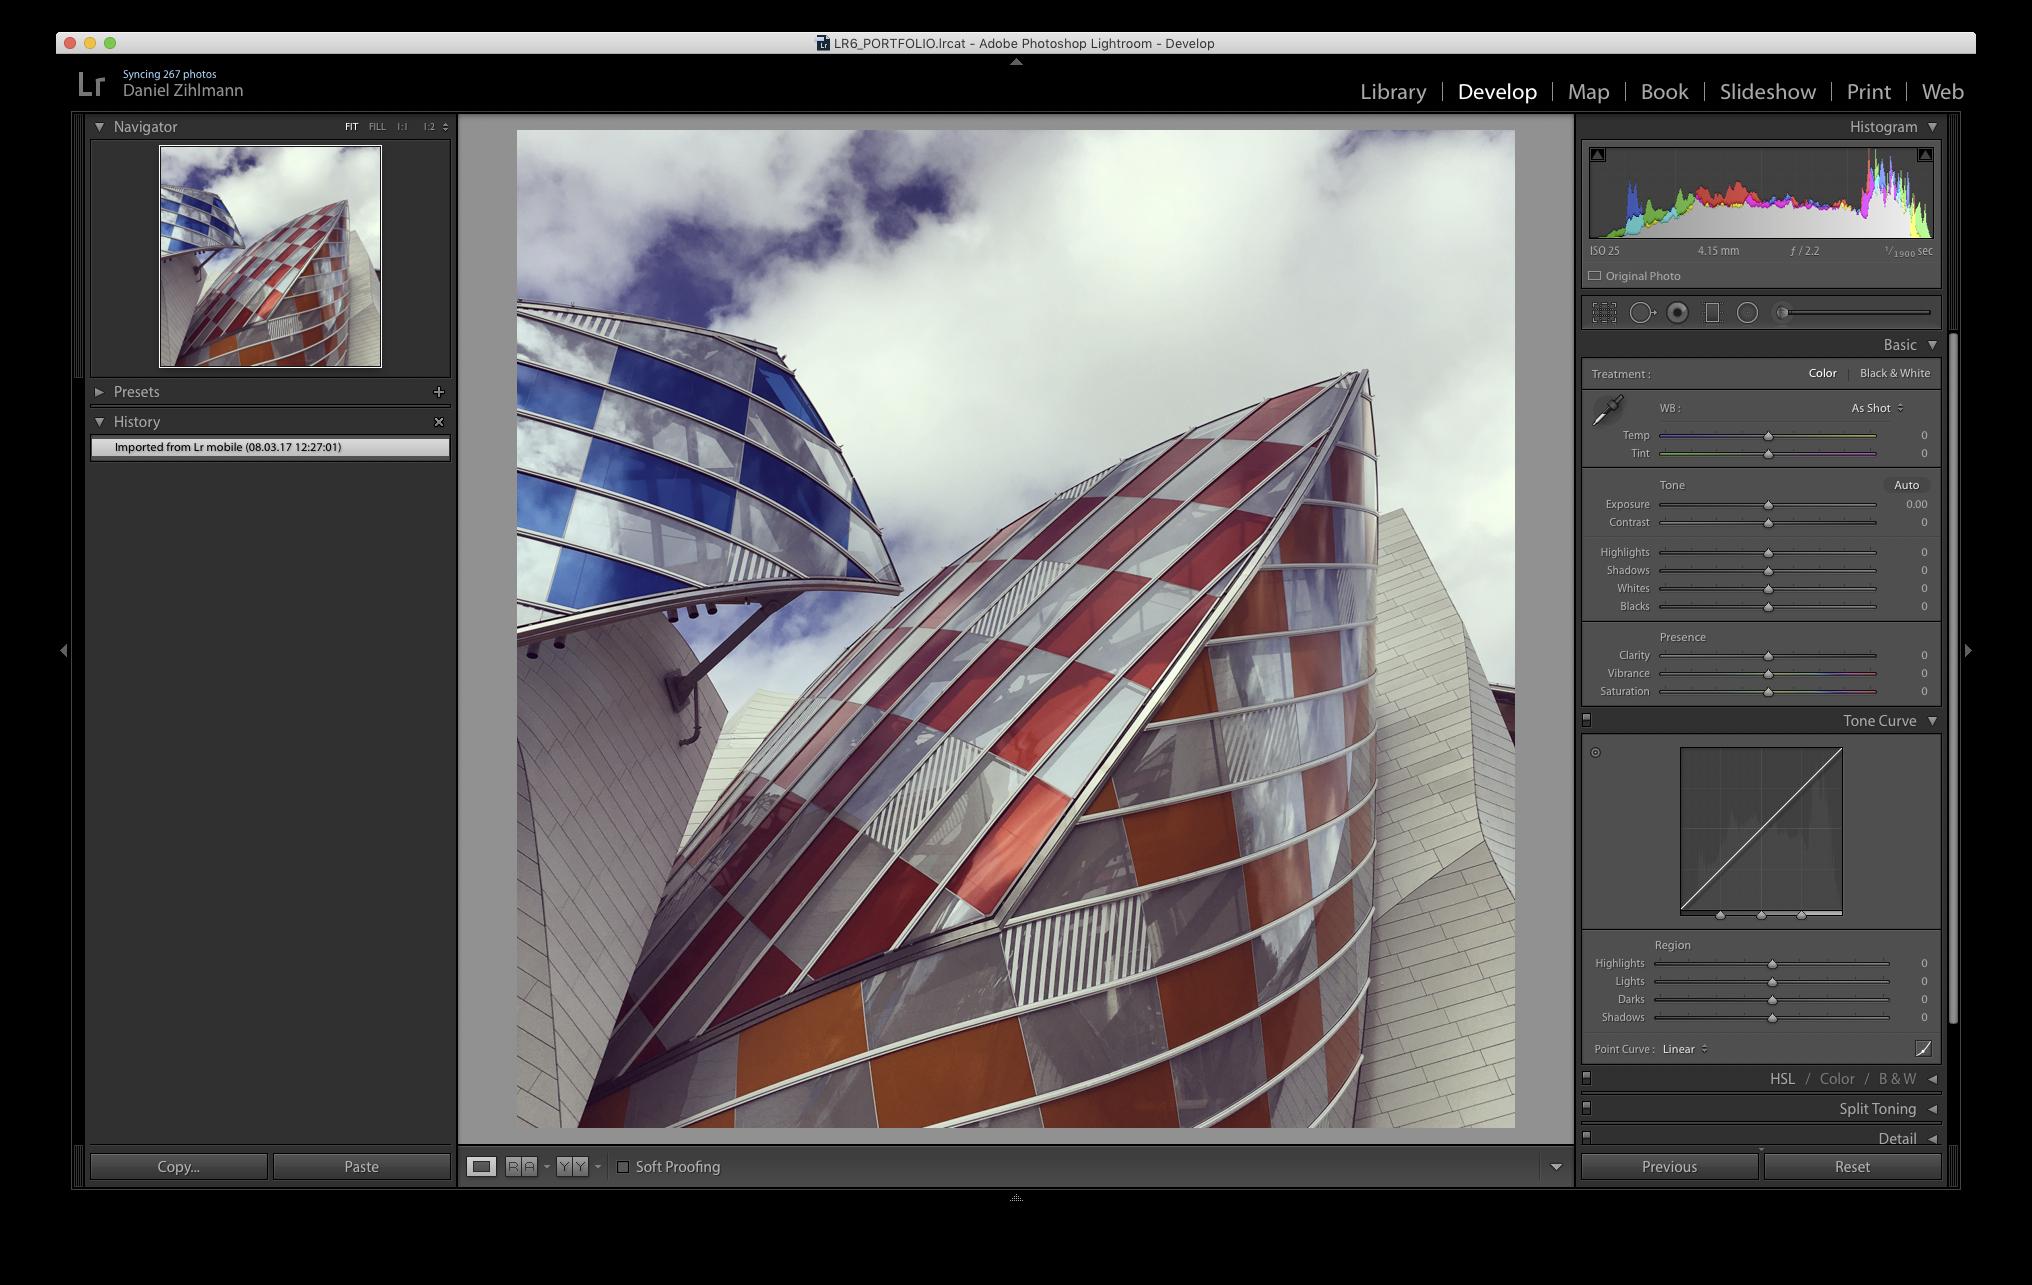 2-fotograf-zuerich-kurs-lightroom-workflow.png